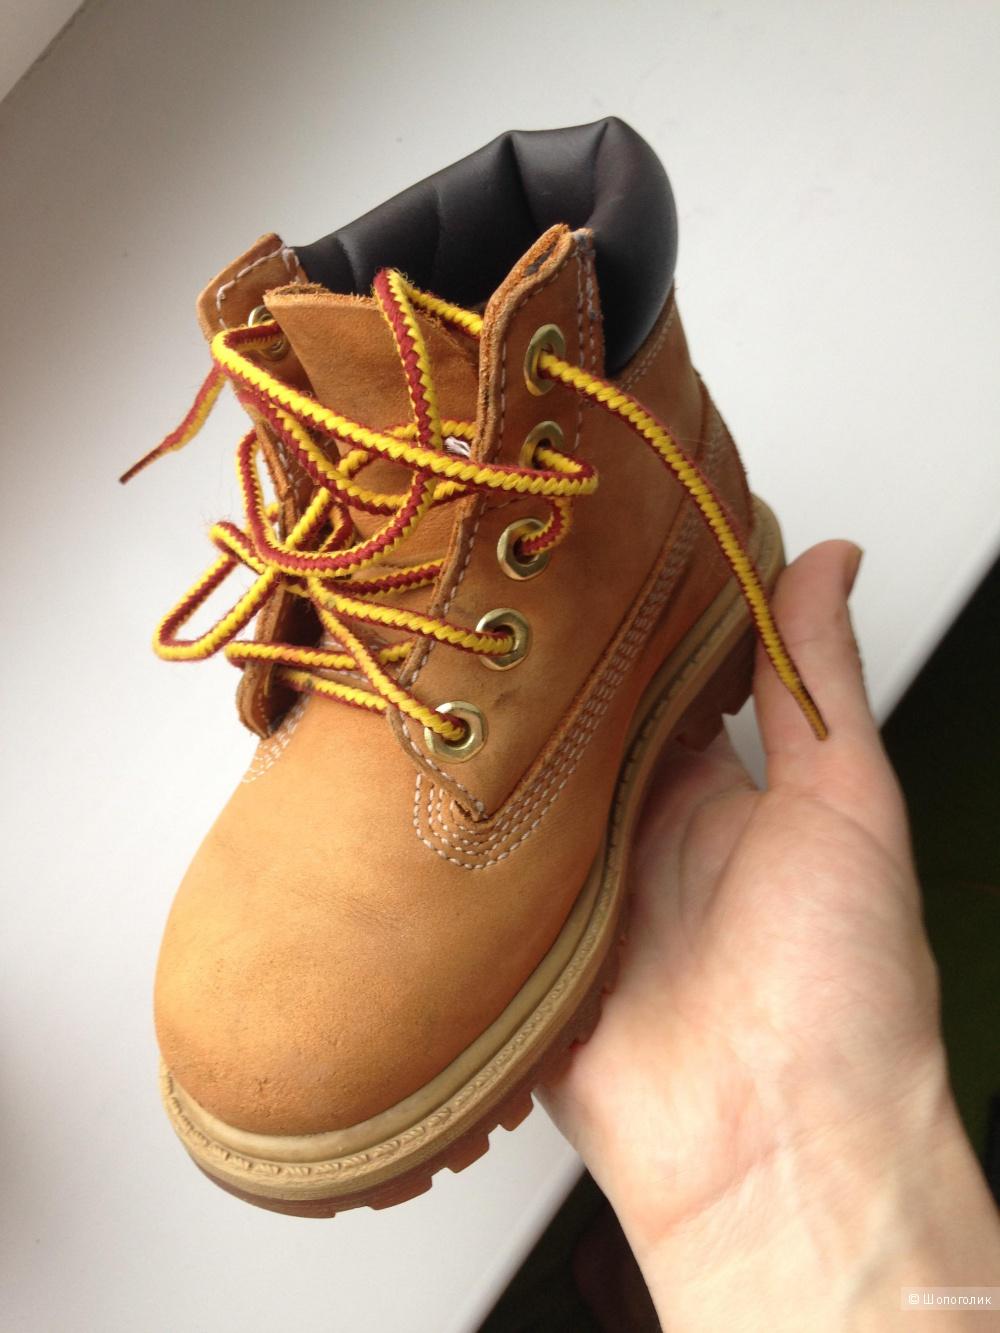 0d10294dbd0d Детские желтые ботинки Timberland, в магазине Другой магазин — на ...